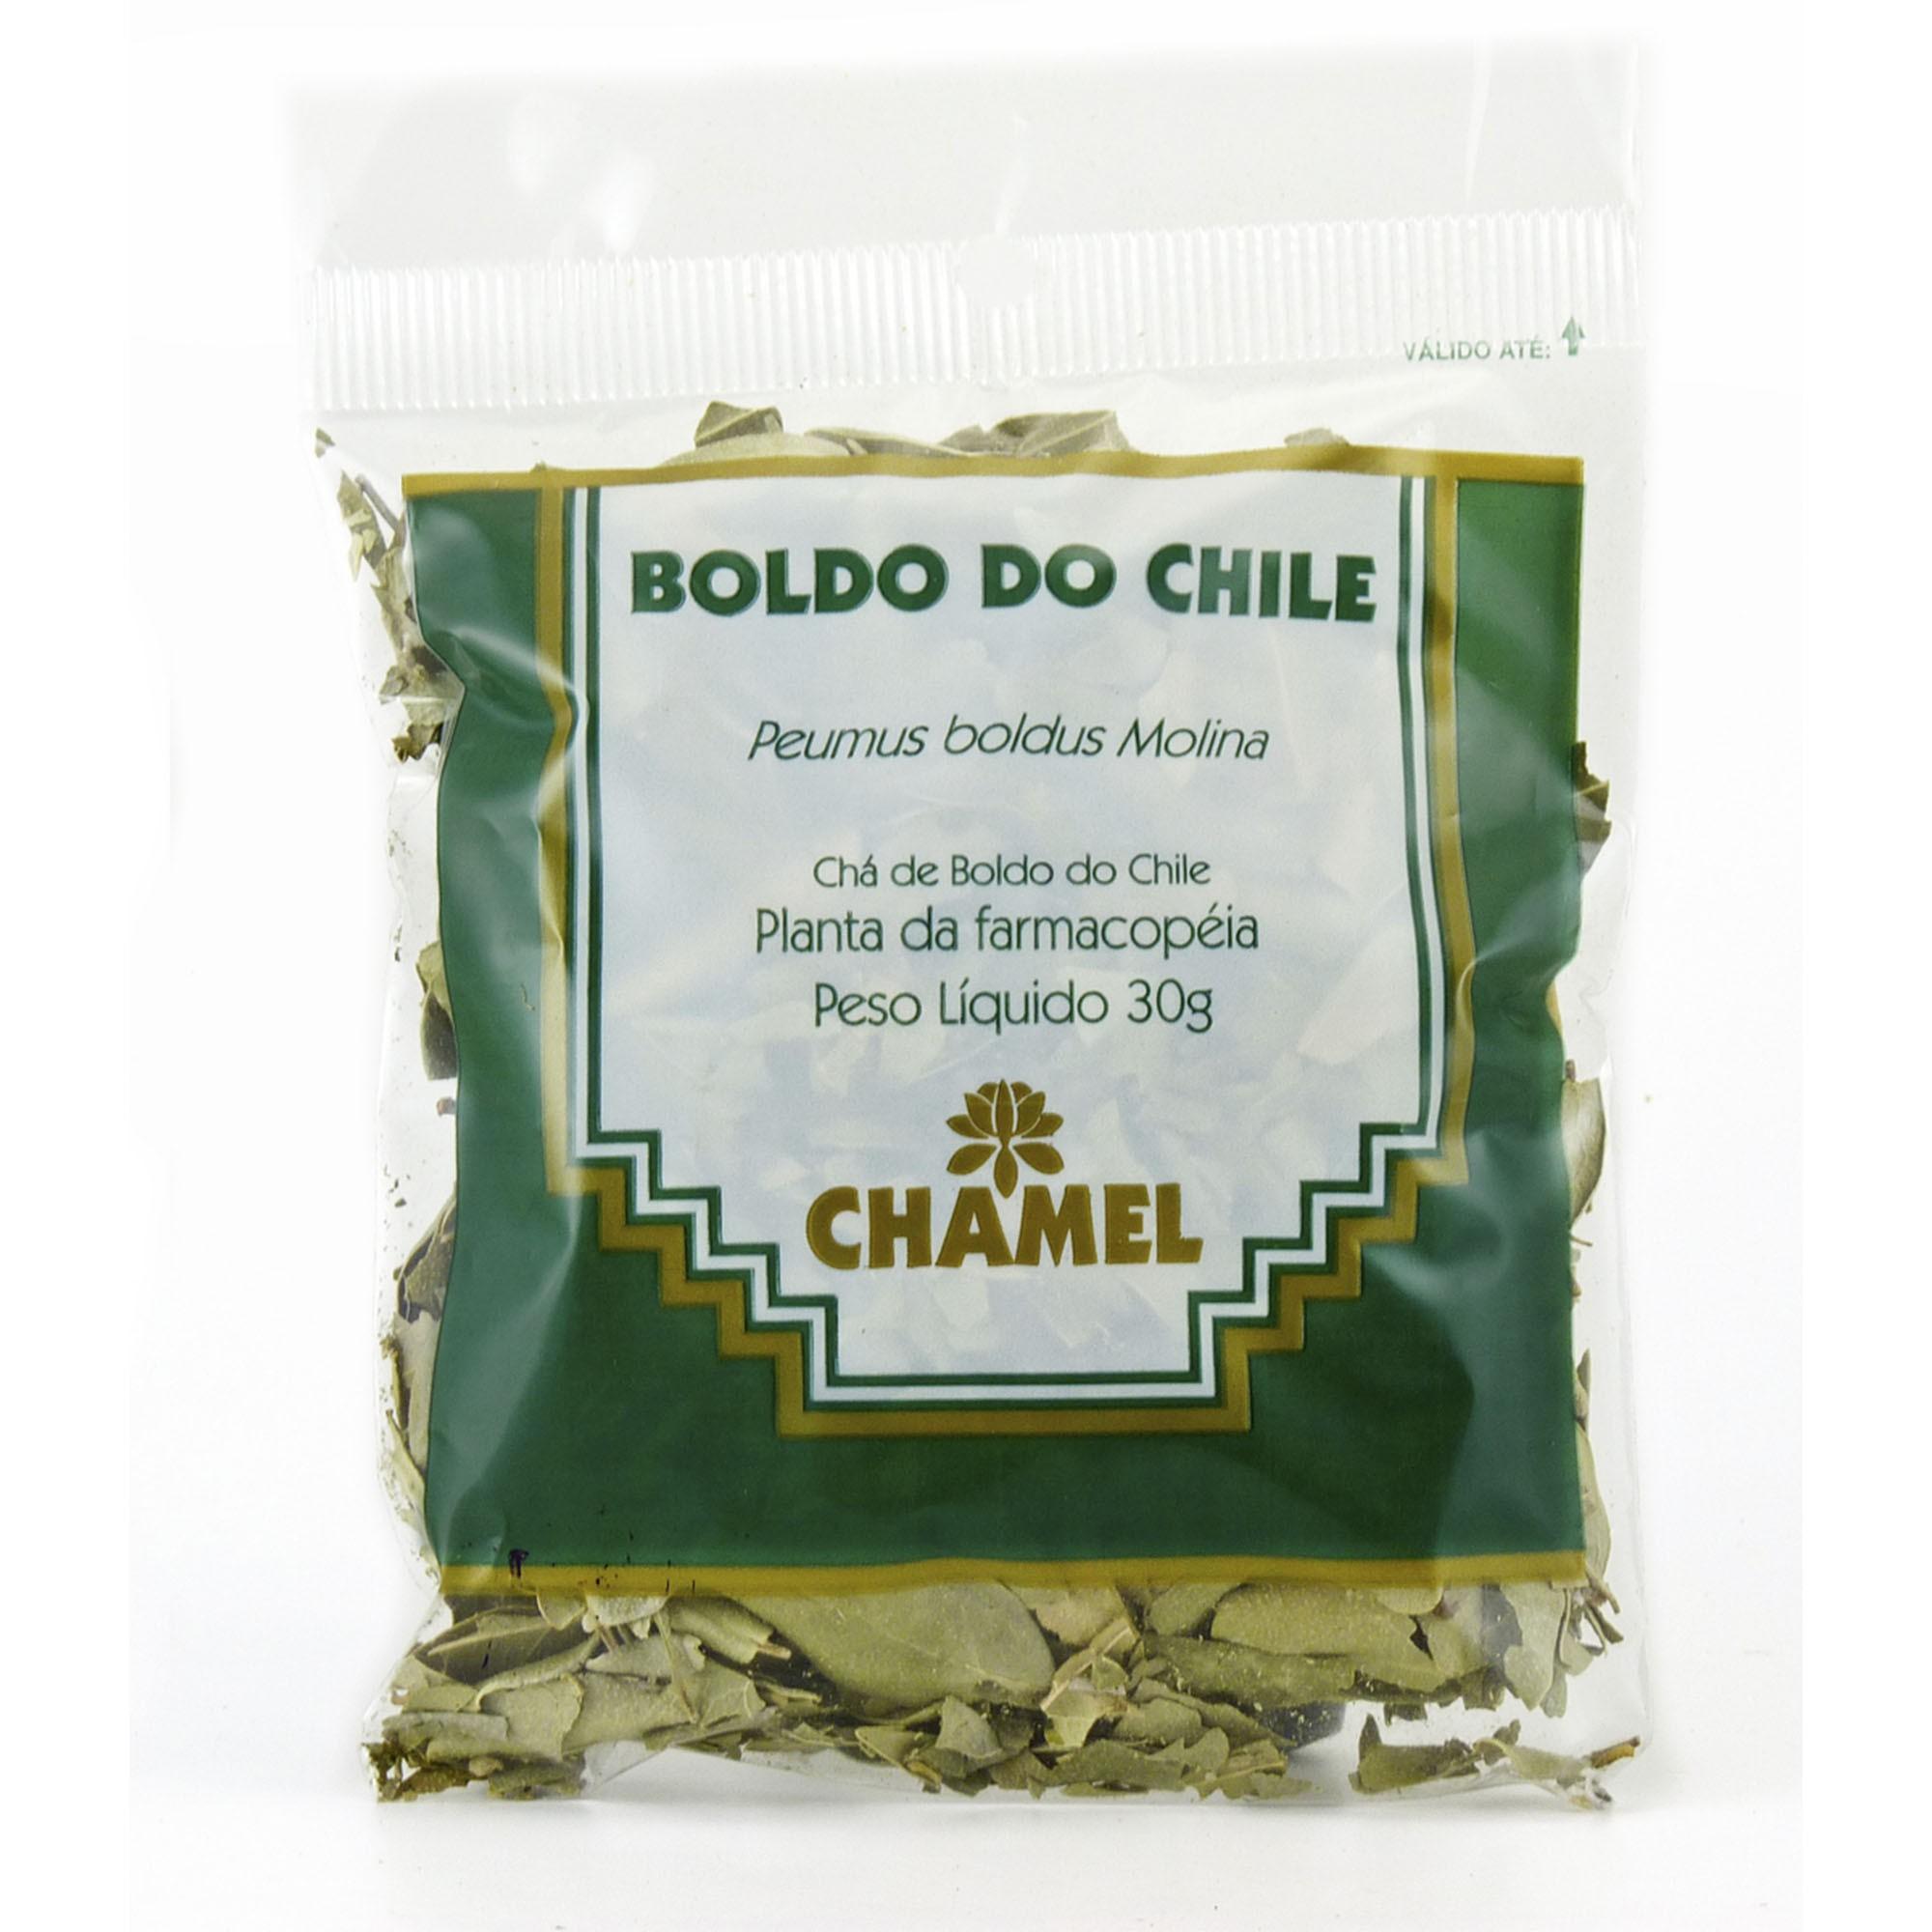 Boldo do chile 30g Chamel - Chá-Folhas